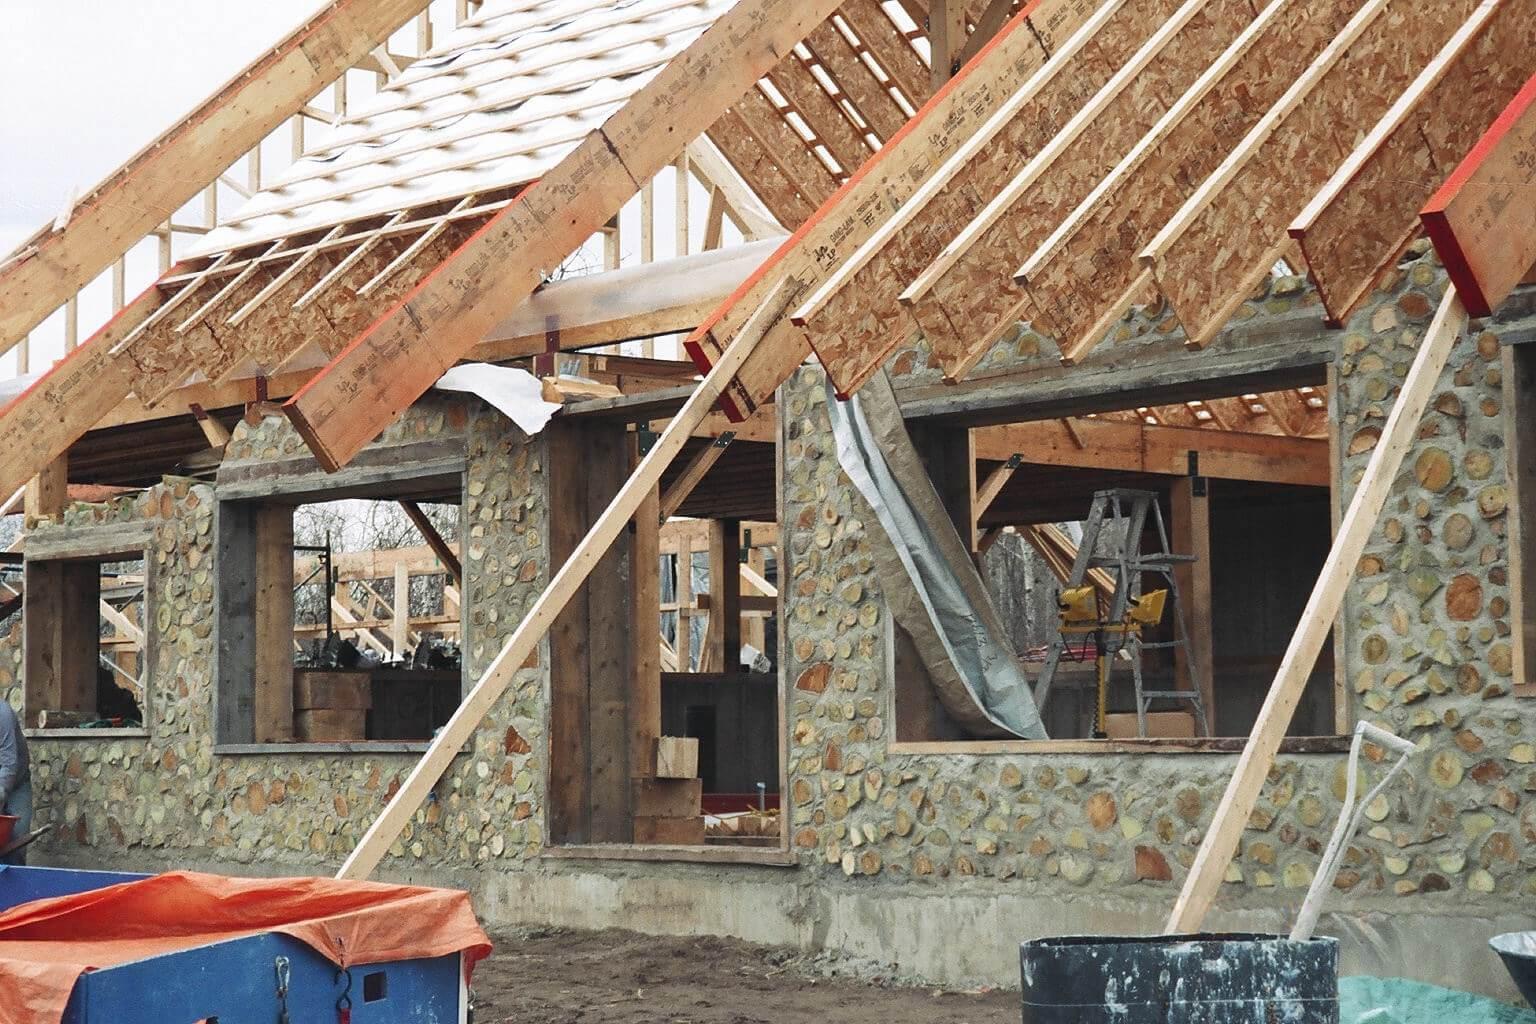 Технология глиночурка - исторический метод строительства домов